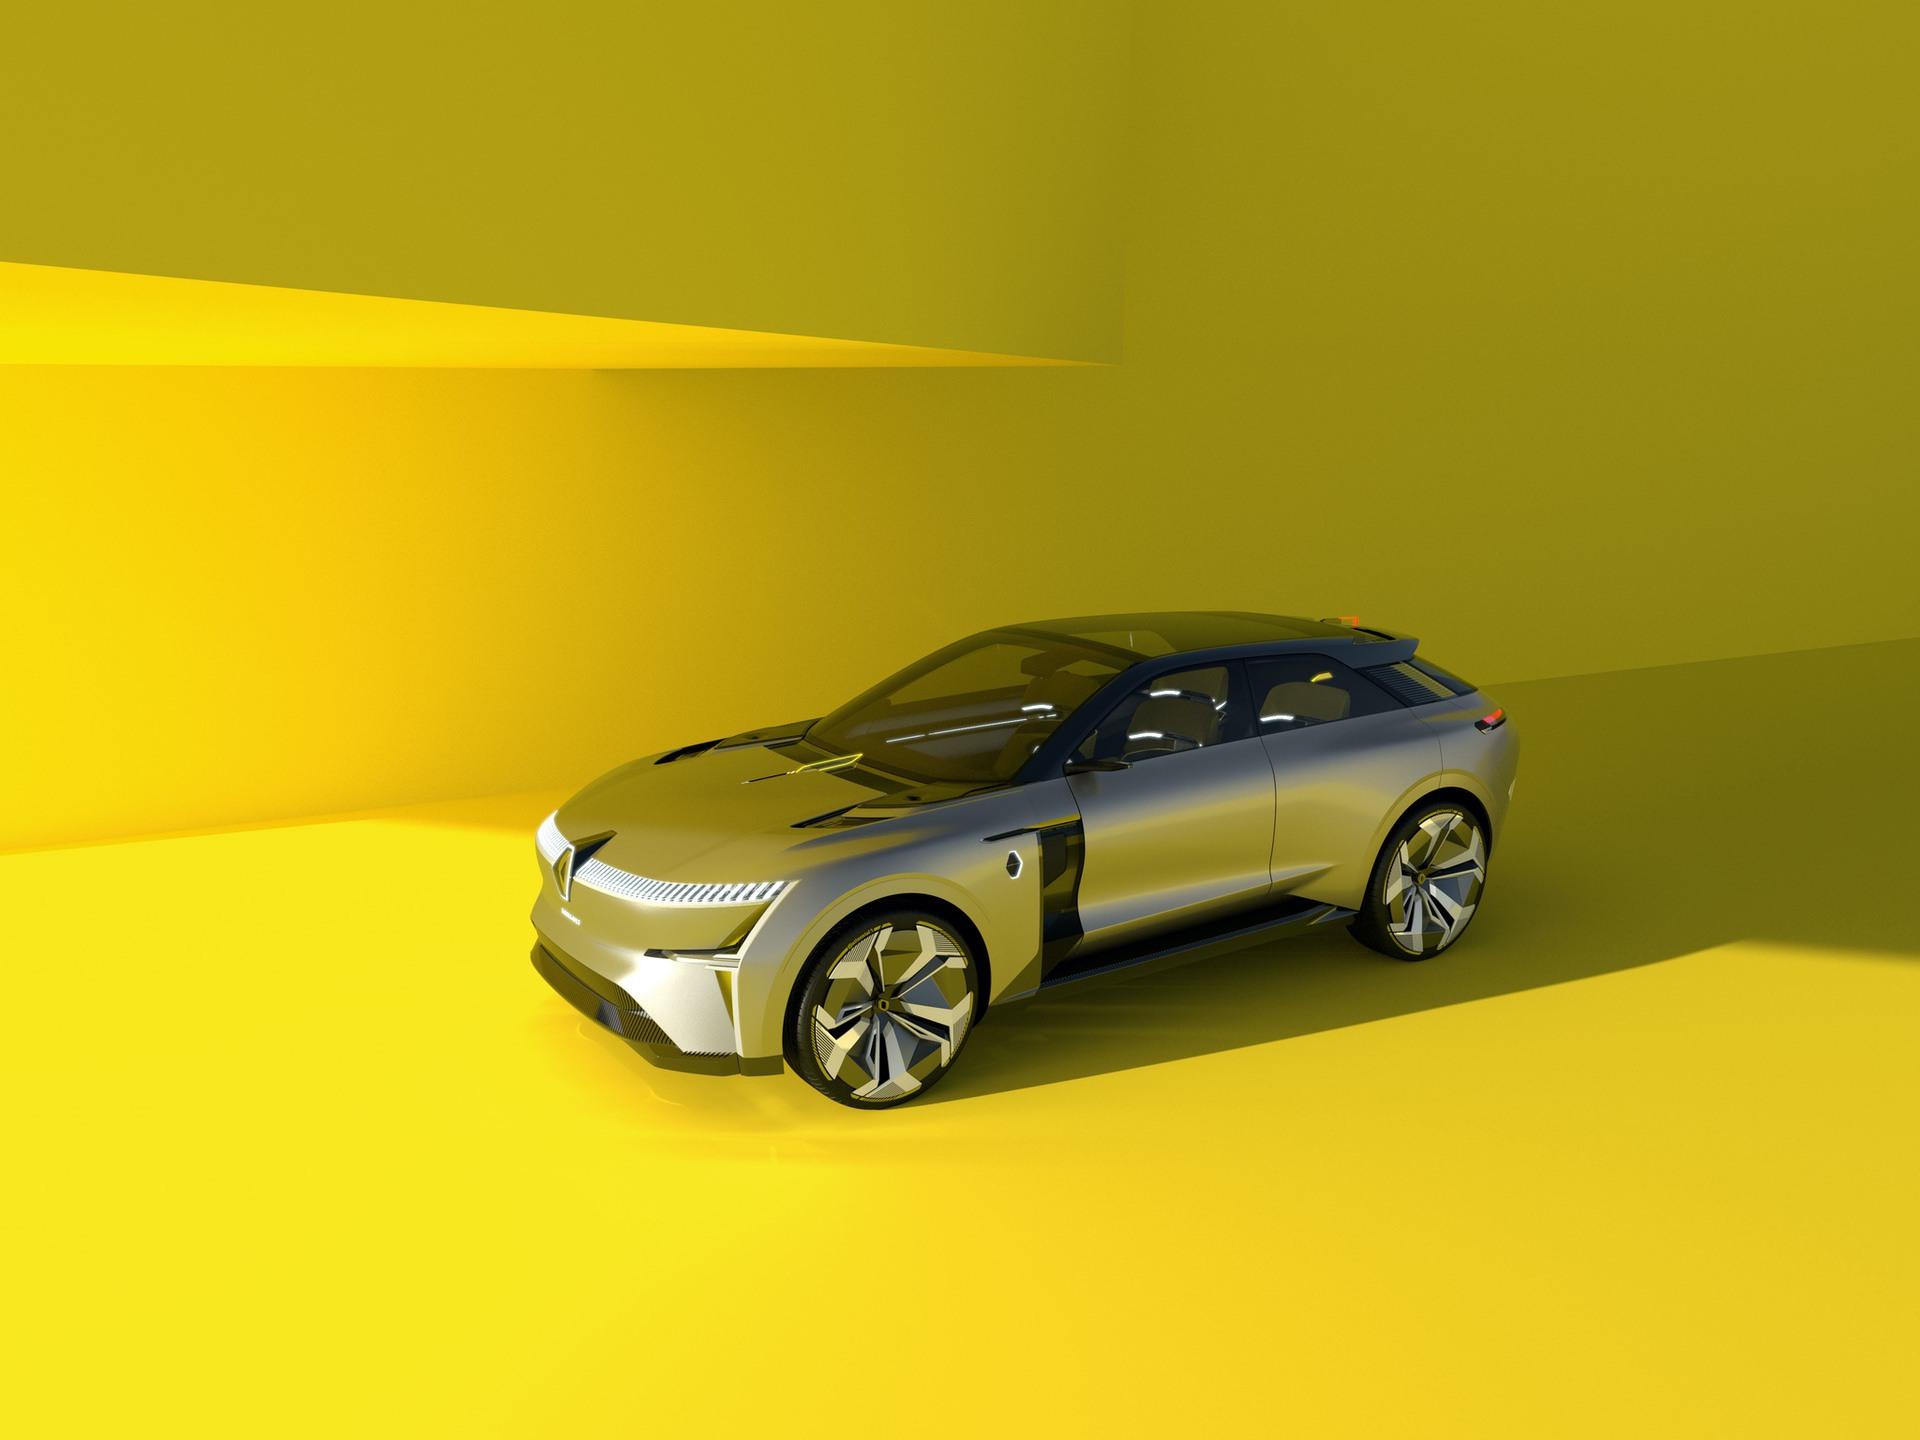 Renault_Morphoz_concept_0009